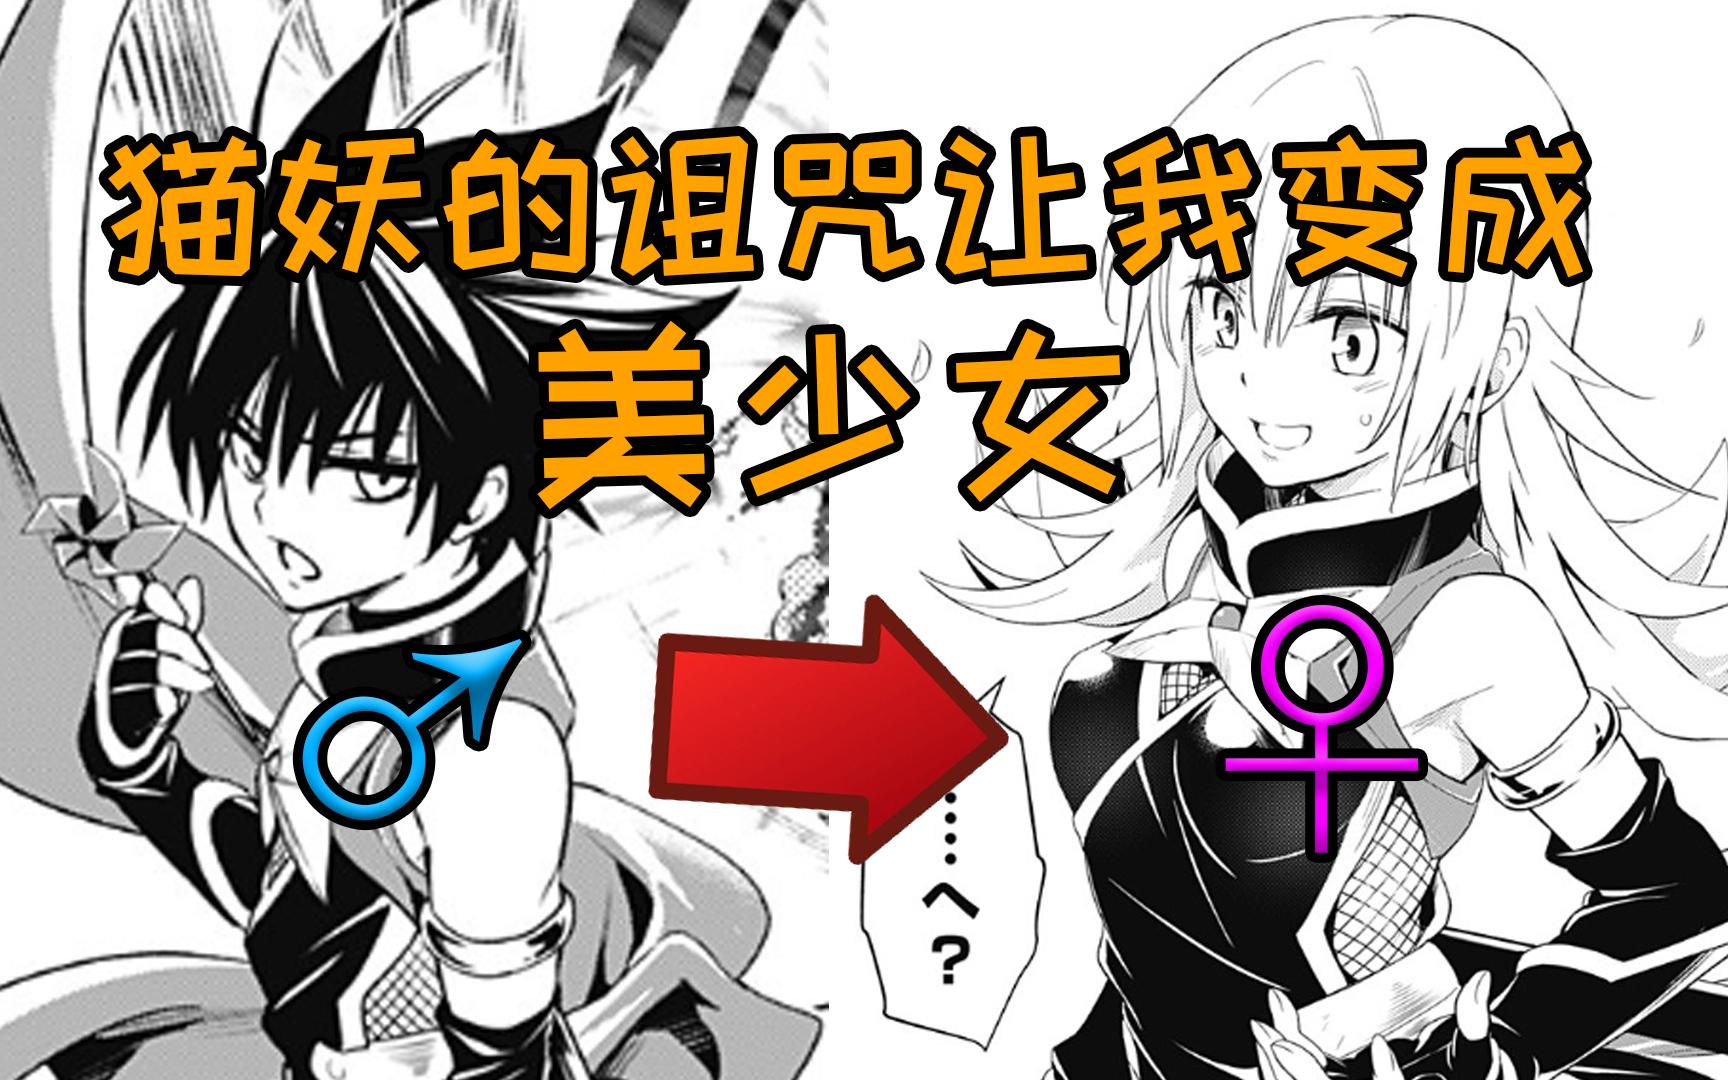 猫妖为了让男女主不能秀恩爱,就把男主也变成了美少女!?